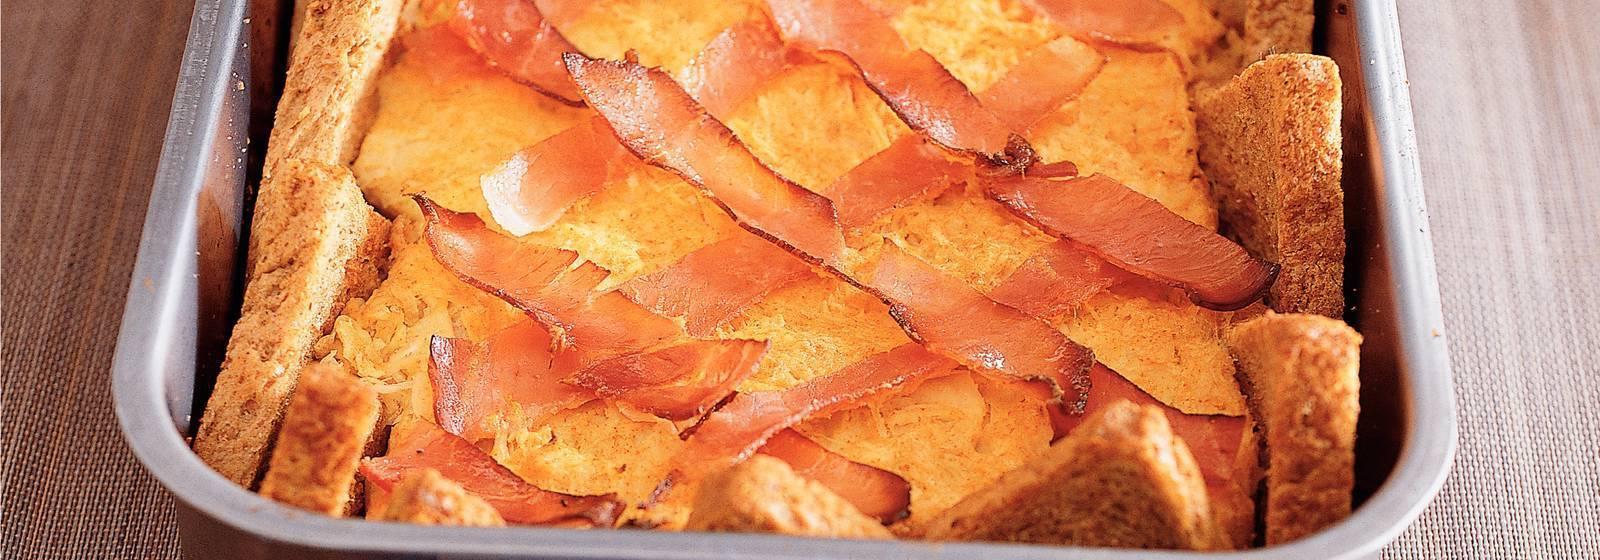 Bread dish with sauerkraut